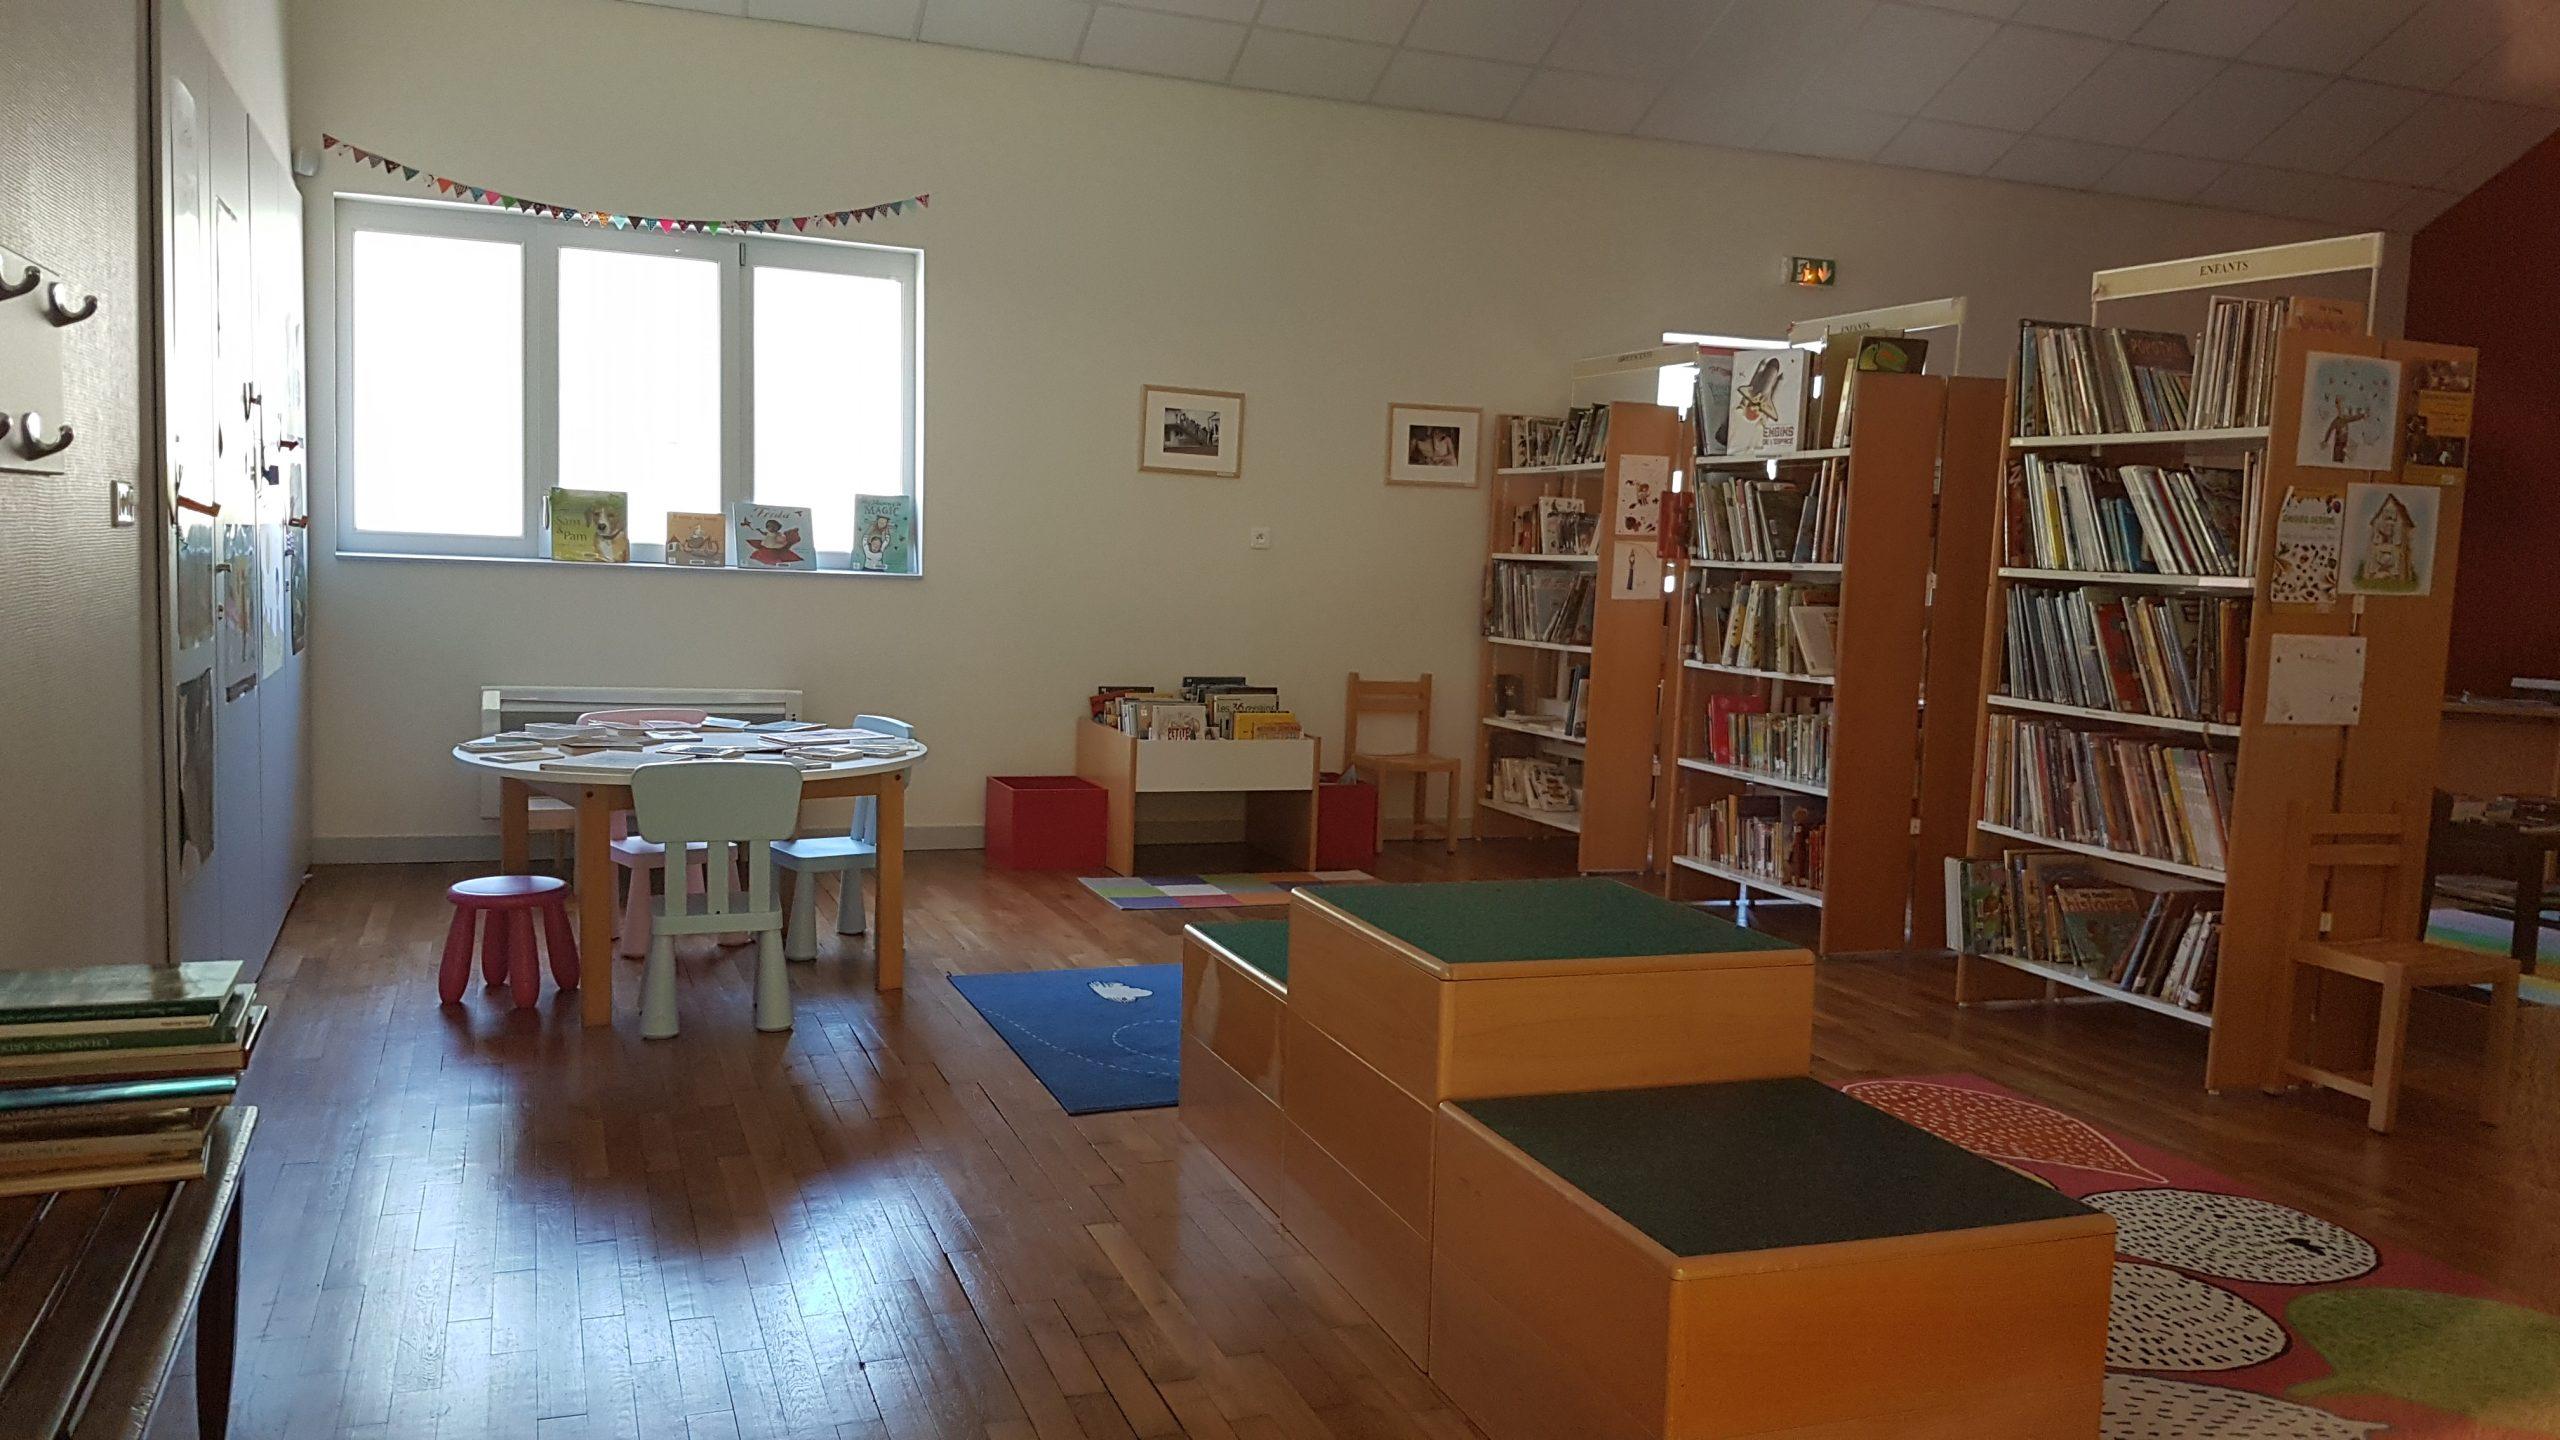 Bibliothèque Municipale de Céré la Ronde